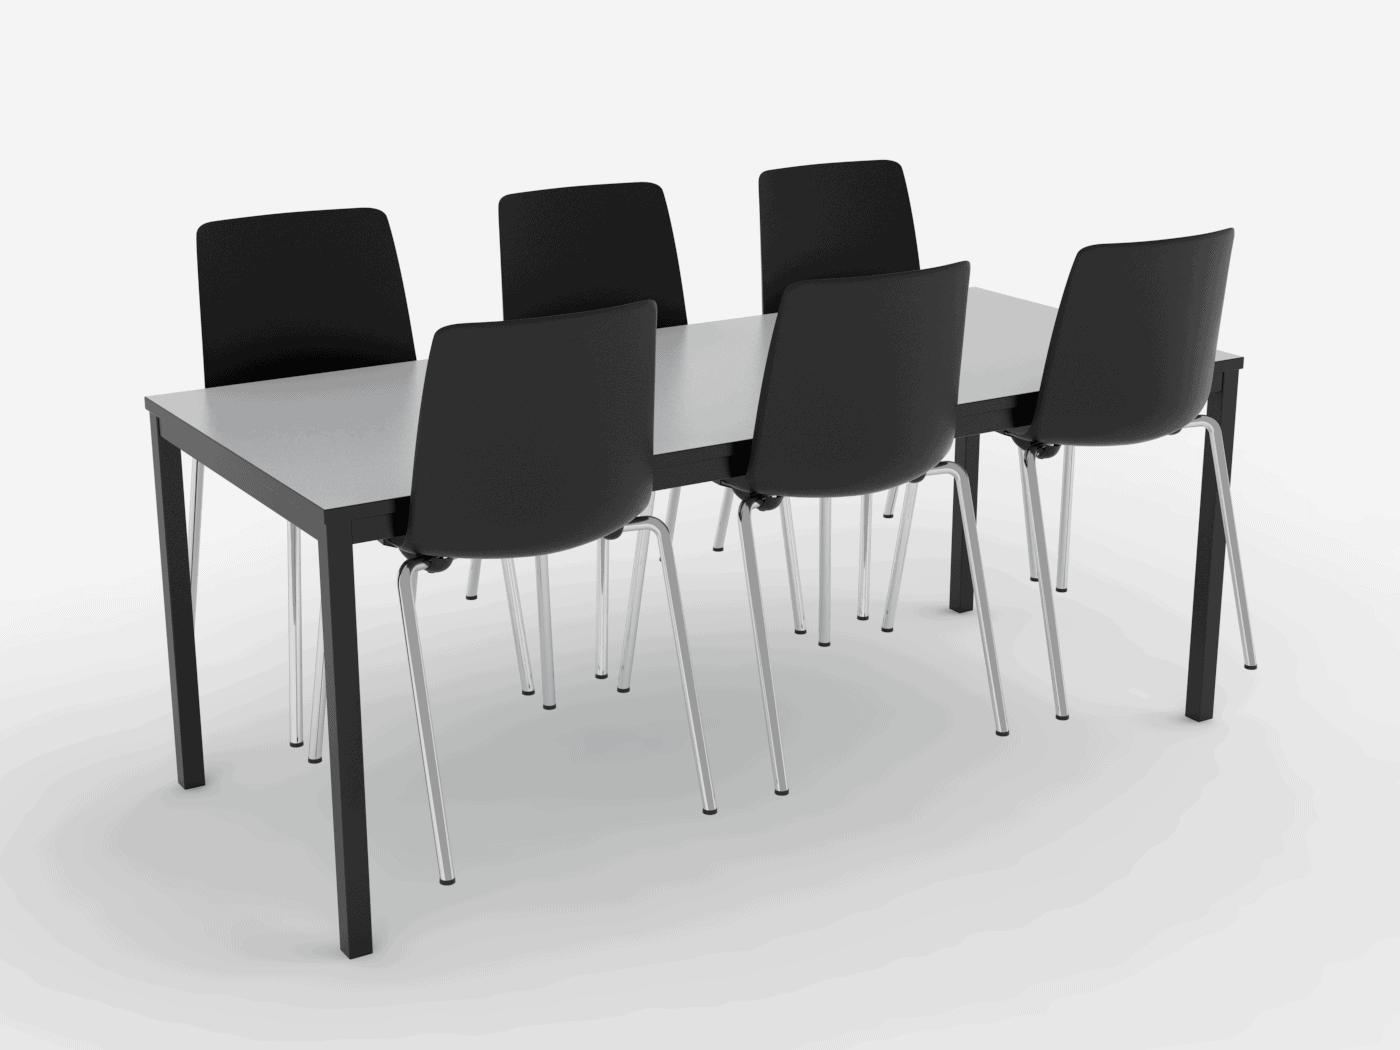 Cube Design - kontormøbler - Kant bord - mødebord - kantinebord